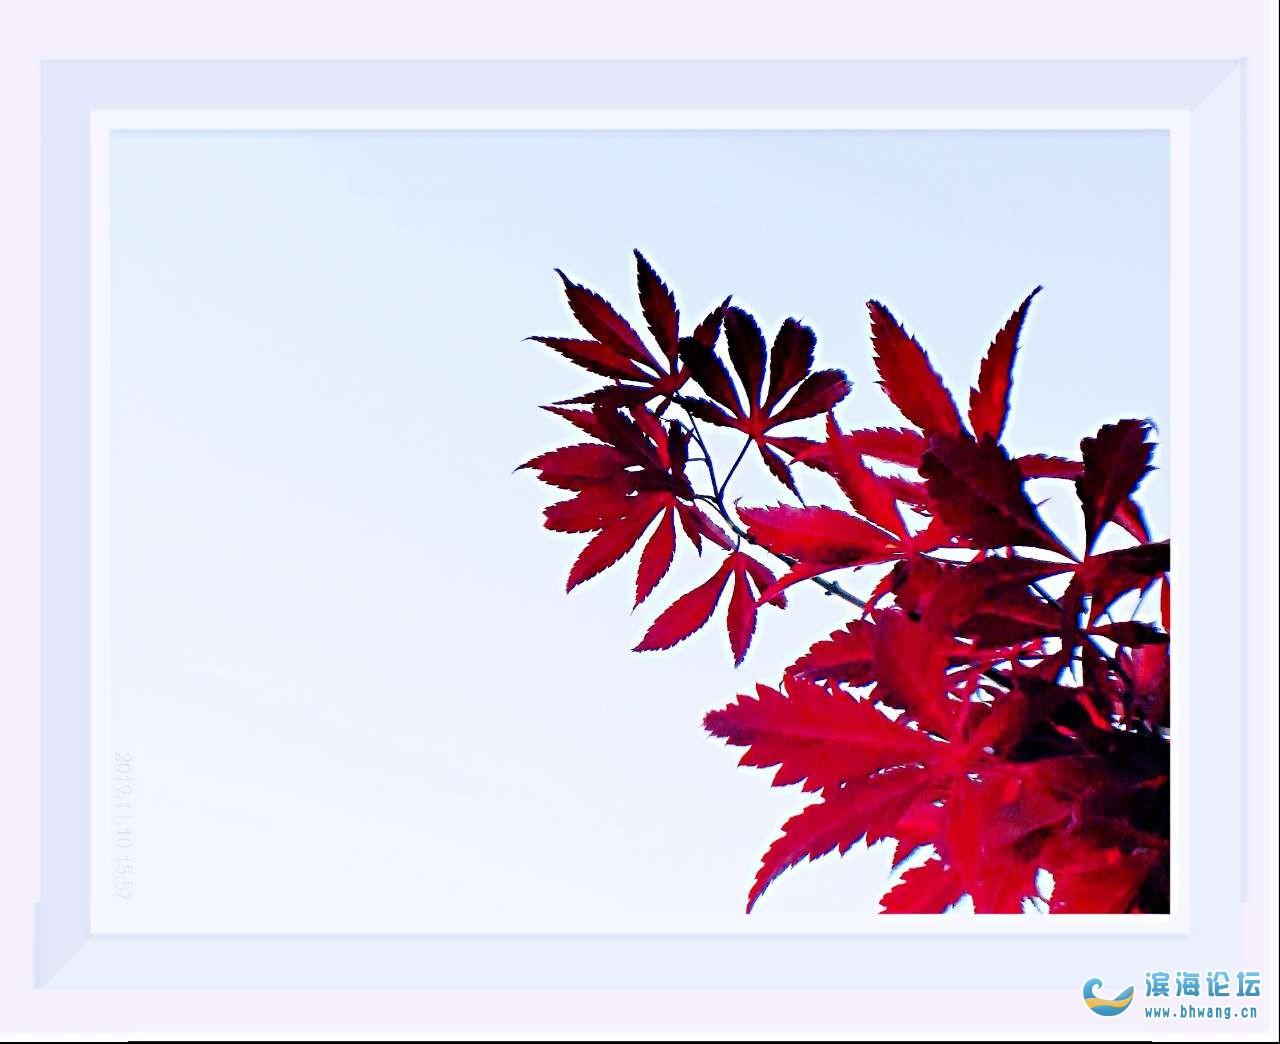 秋叶红于二月花